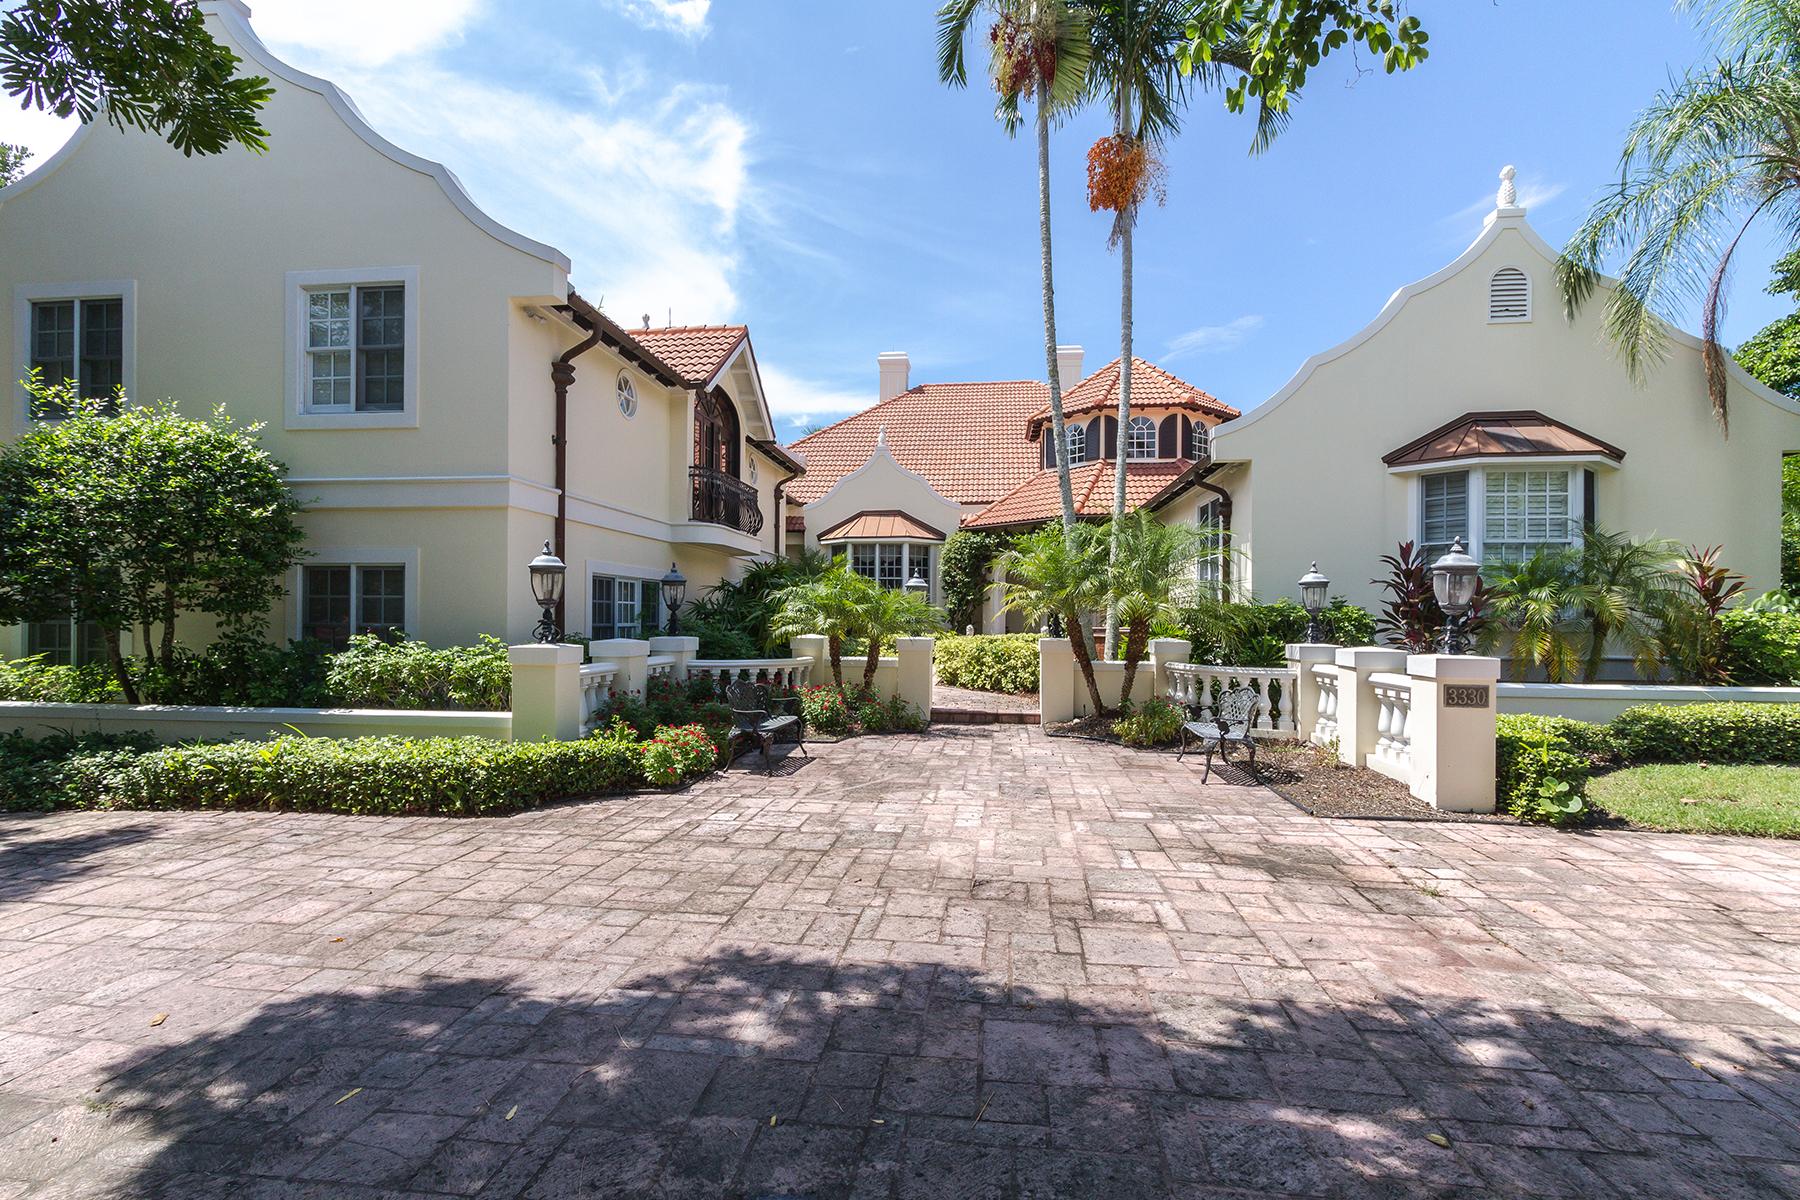 Maison unifamiliale pour l Location à 3330 Gin Ln , Naples, FL 34102 3330 Gin Ln, Naples, Florida 34102 États-Unis